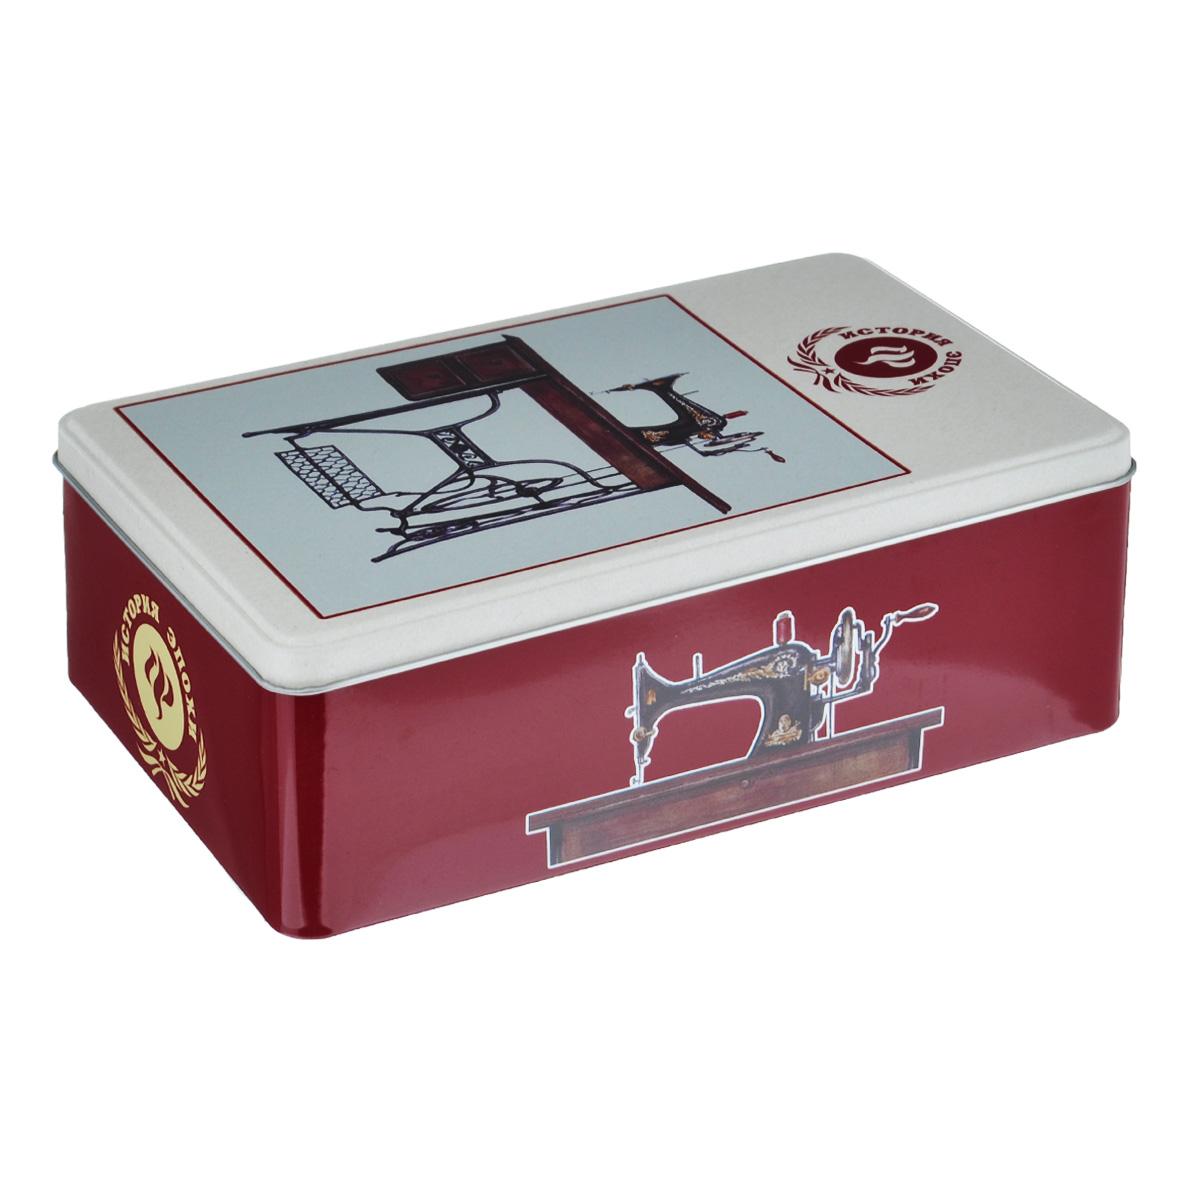 Коробка для хранения Феникс-презент Советская швейная машинка, 20 х 13 х 6,5 см37671Коробка для хранения Феникс-презент Советская швейная машинка, выполненная из металла, декорирована изображением швейной машинки. Внутри коробки имеется одно вместительное отделение. Крышка изделия открывается с помощью откидного механизма. Коробка для хранения Феникс-презент Советская швейная машинка станет оригинальным украшением интерьера и позволит хранить украшения, бижутерию, а также предметы шитья или рукоделия.